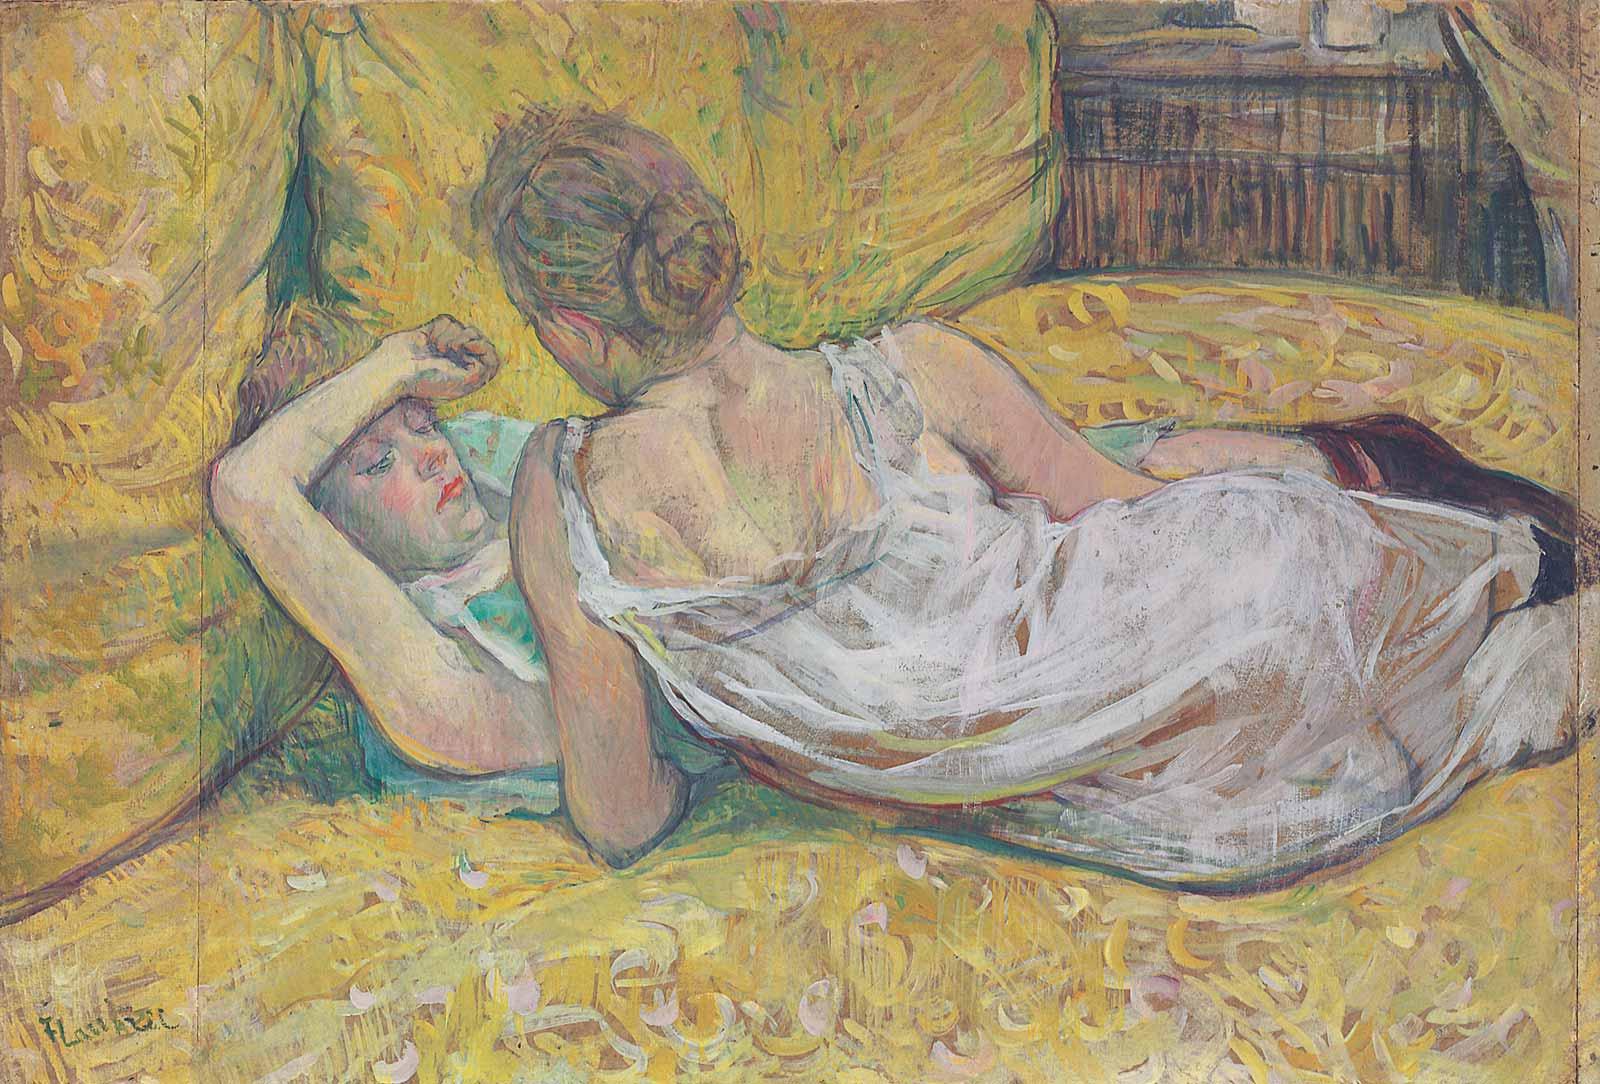 Henri de Toulouse-Lautrec: Abandonment (The Two Friends), 1895